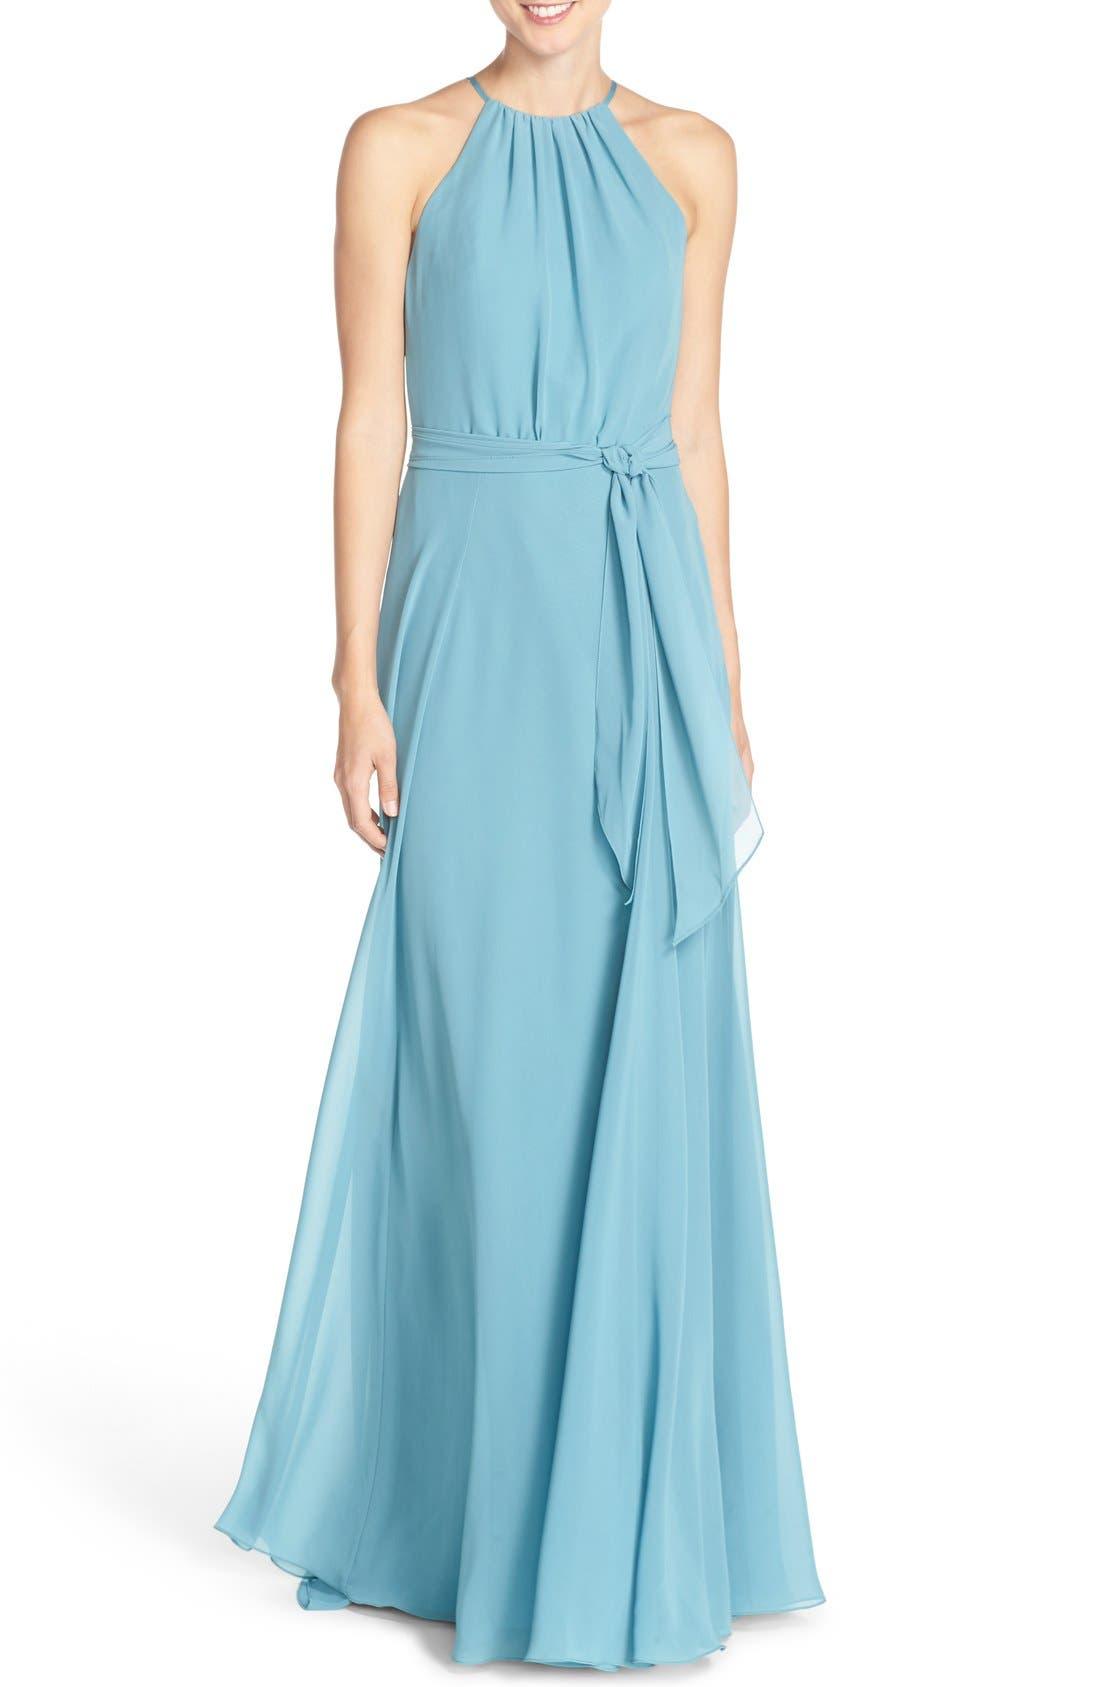 'Delaney' Belted A-Line Chiffon Halter Dress,                         Main,                         color, Teal